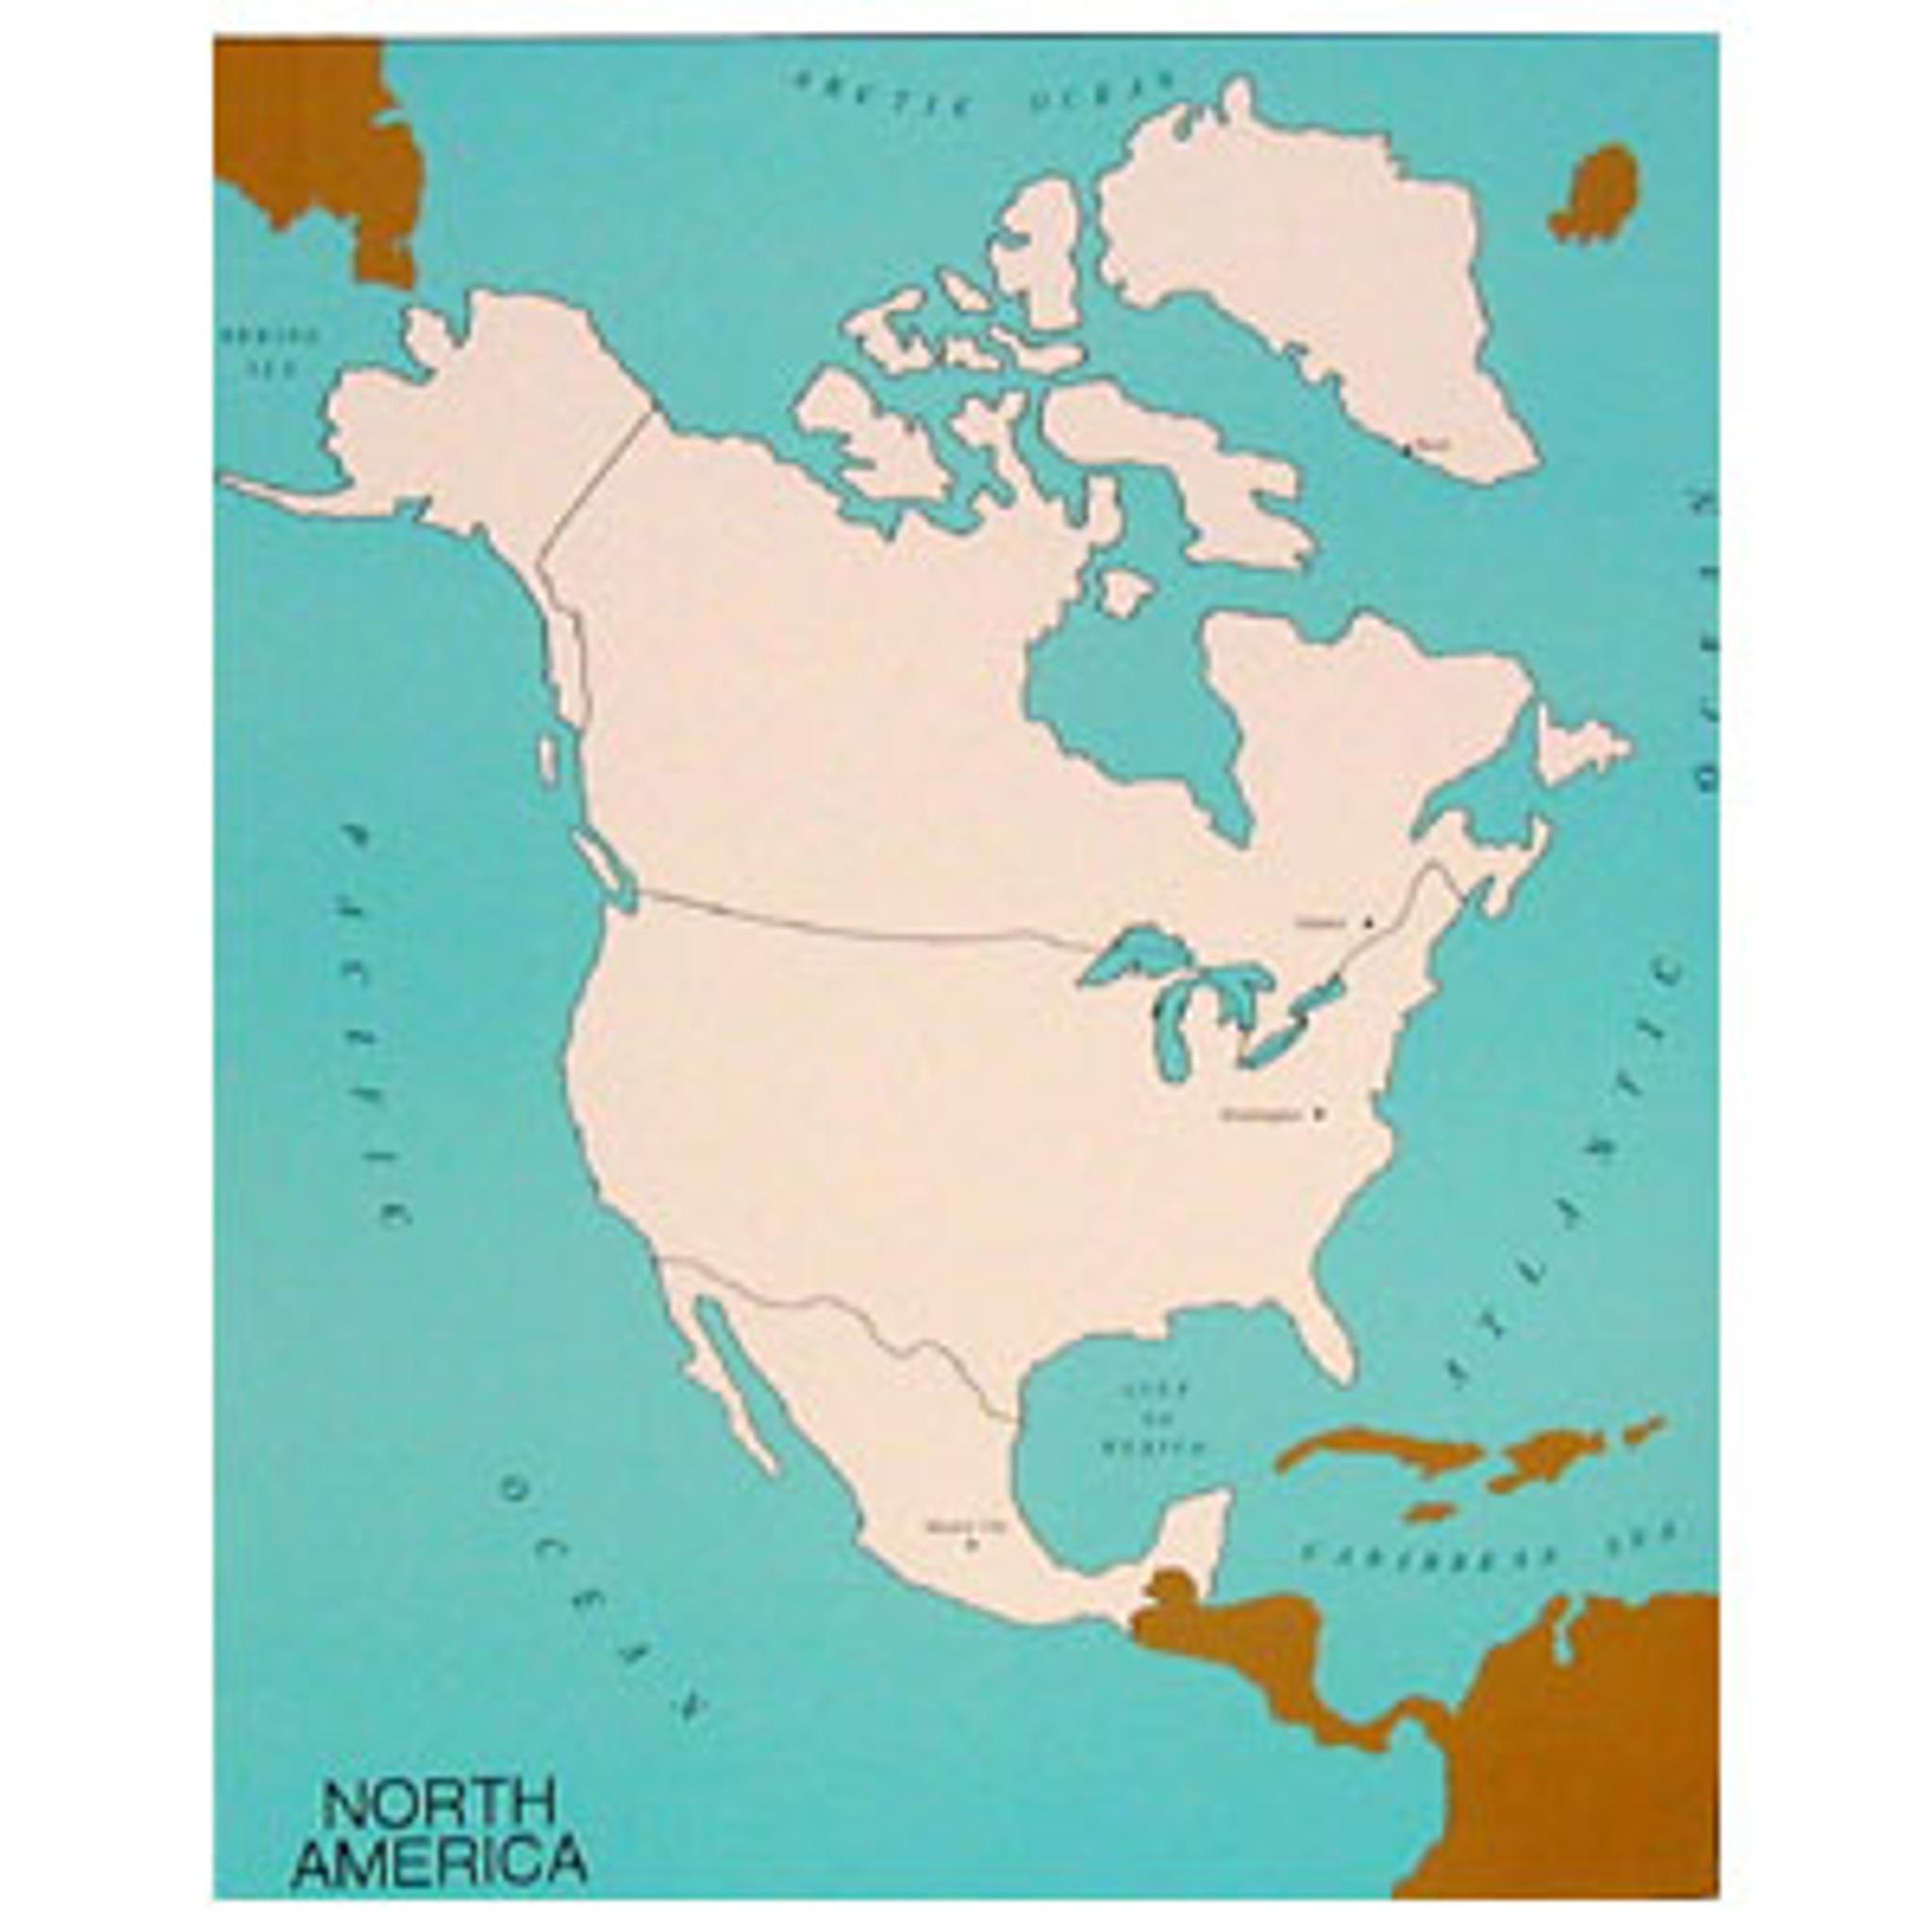 Control chart of North America,capitals